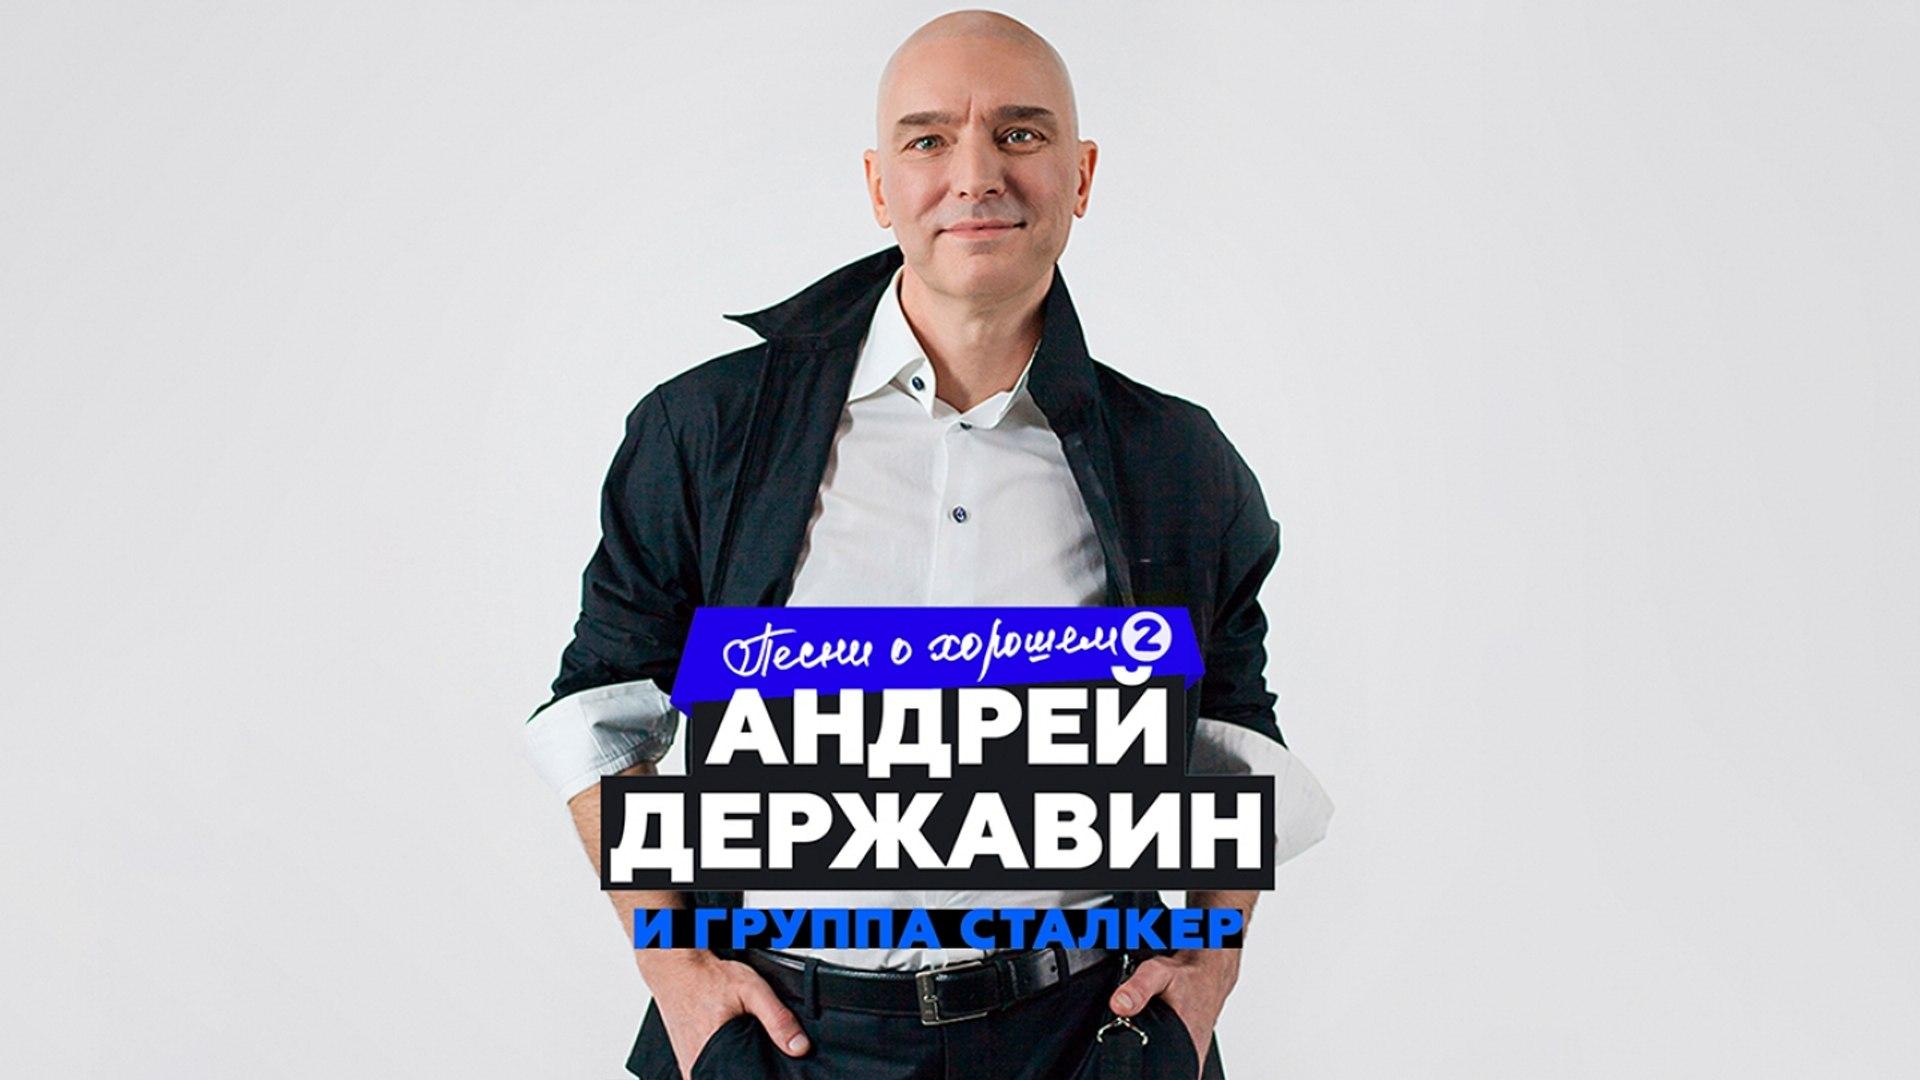 Андрей Державин, Сталкер - Песни о хорошем, часть 2